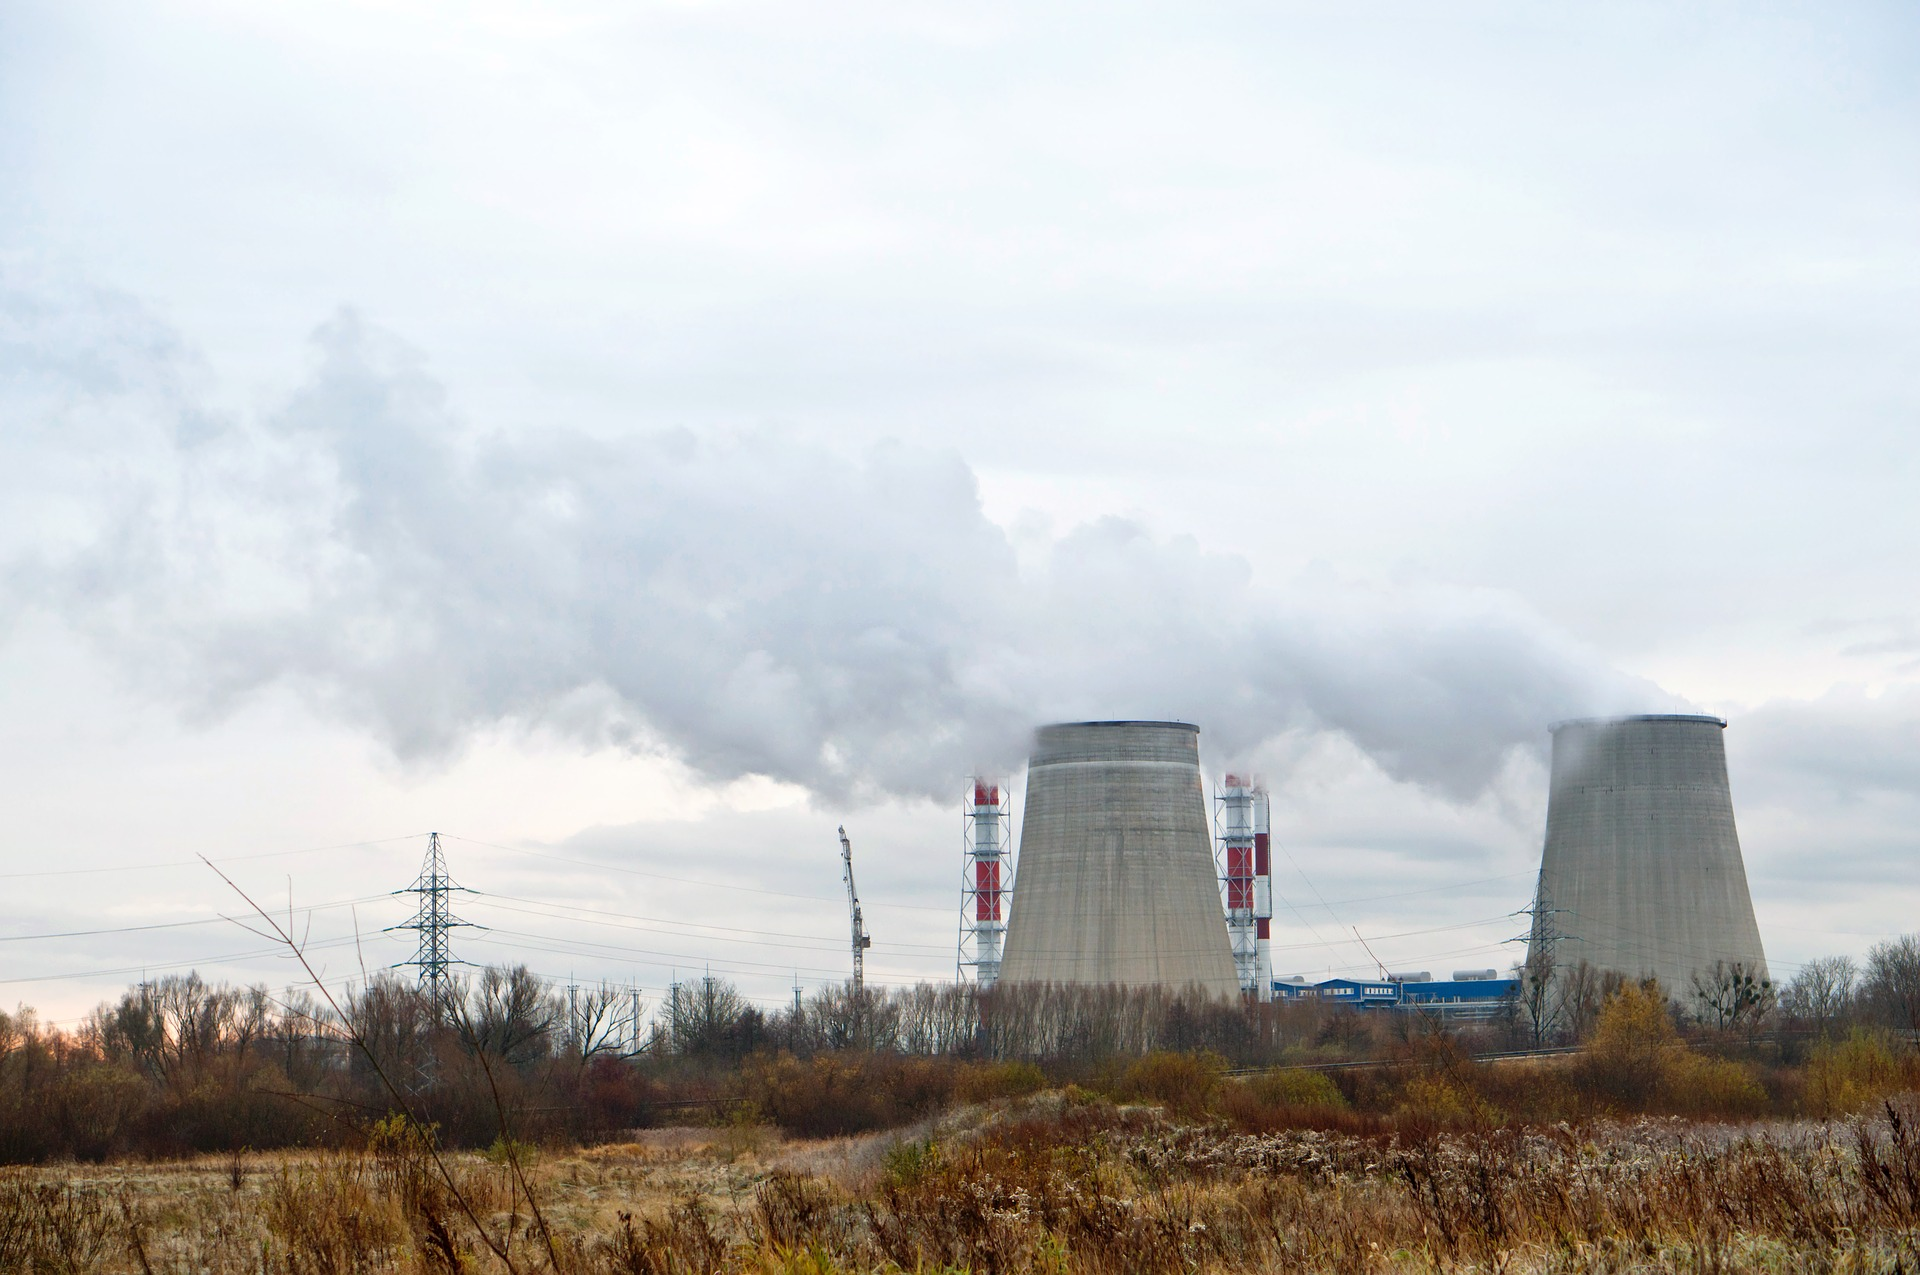 file/ELEMENTO_NEWSLETTER/20486/Smog_plant-3246311_1920.jpg